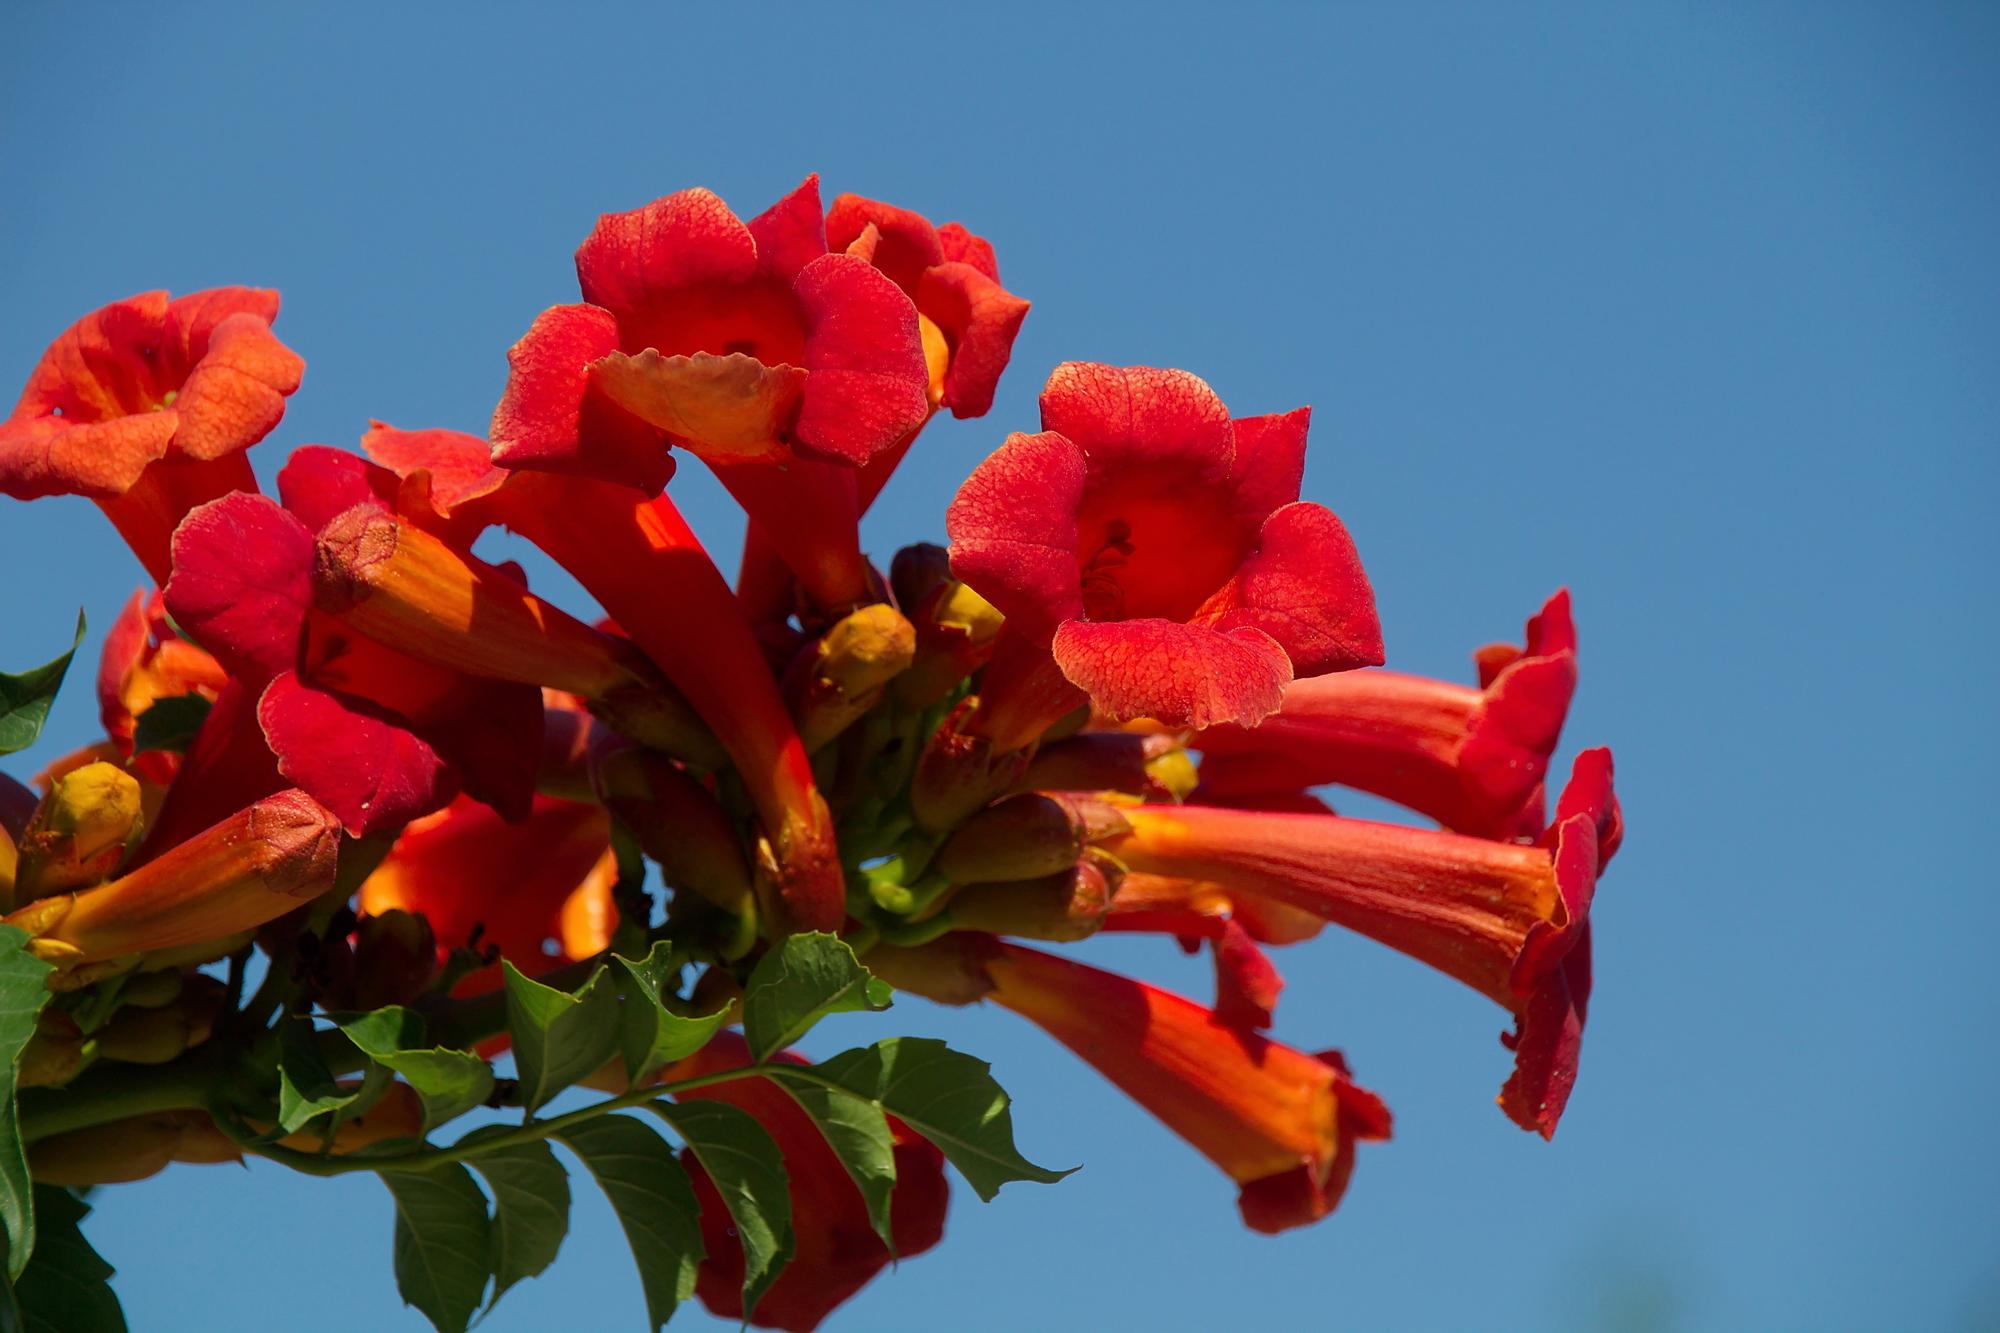 лето, июль, 2020, оранжевые цветы, кампсис